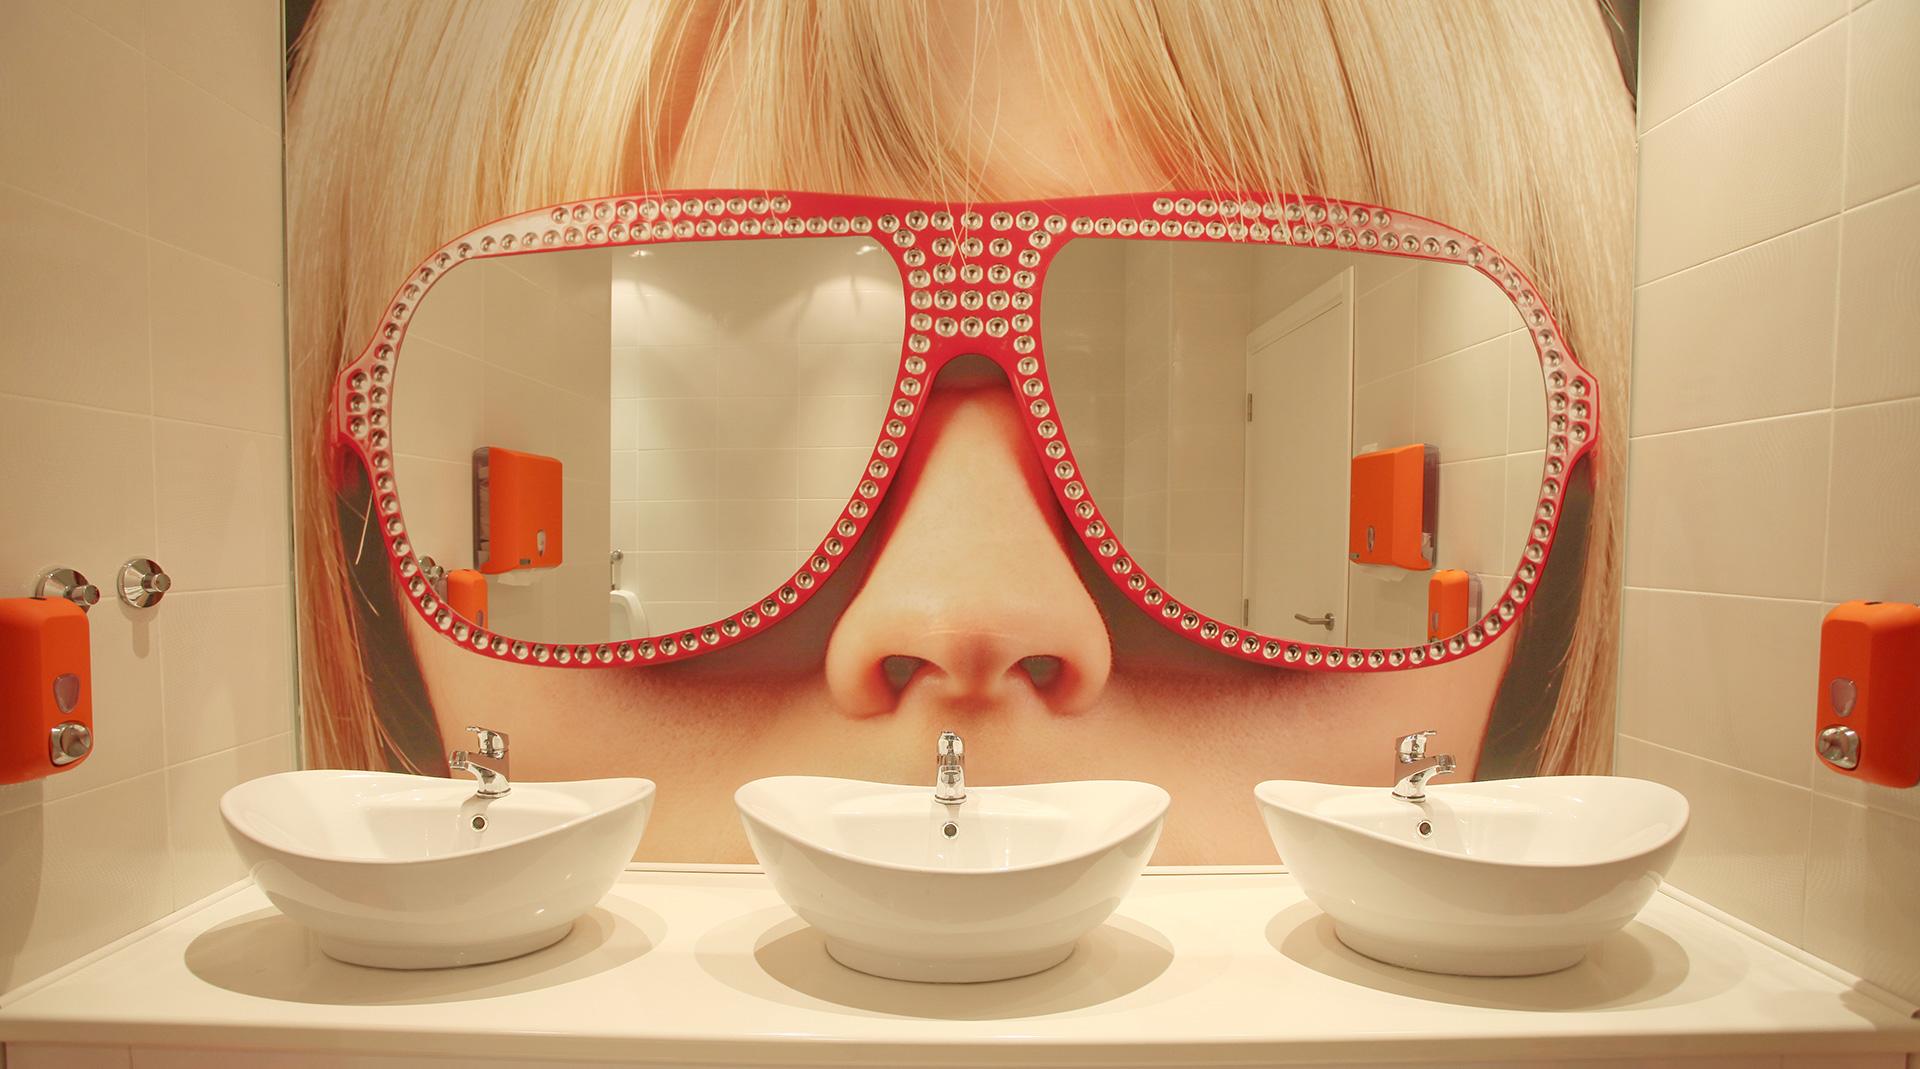 Dizajn vizuala na zidu enterijera - Ogledala u obliku naočara Sugar and Spice restoran